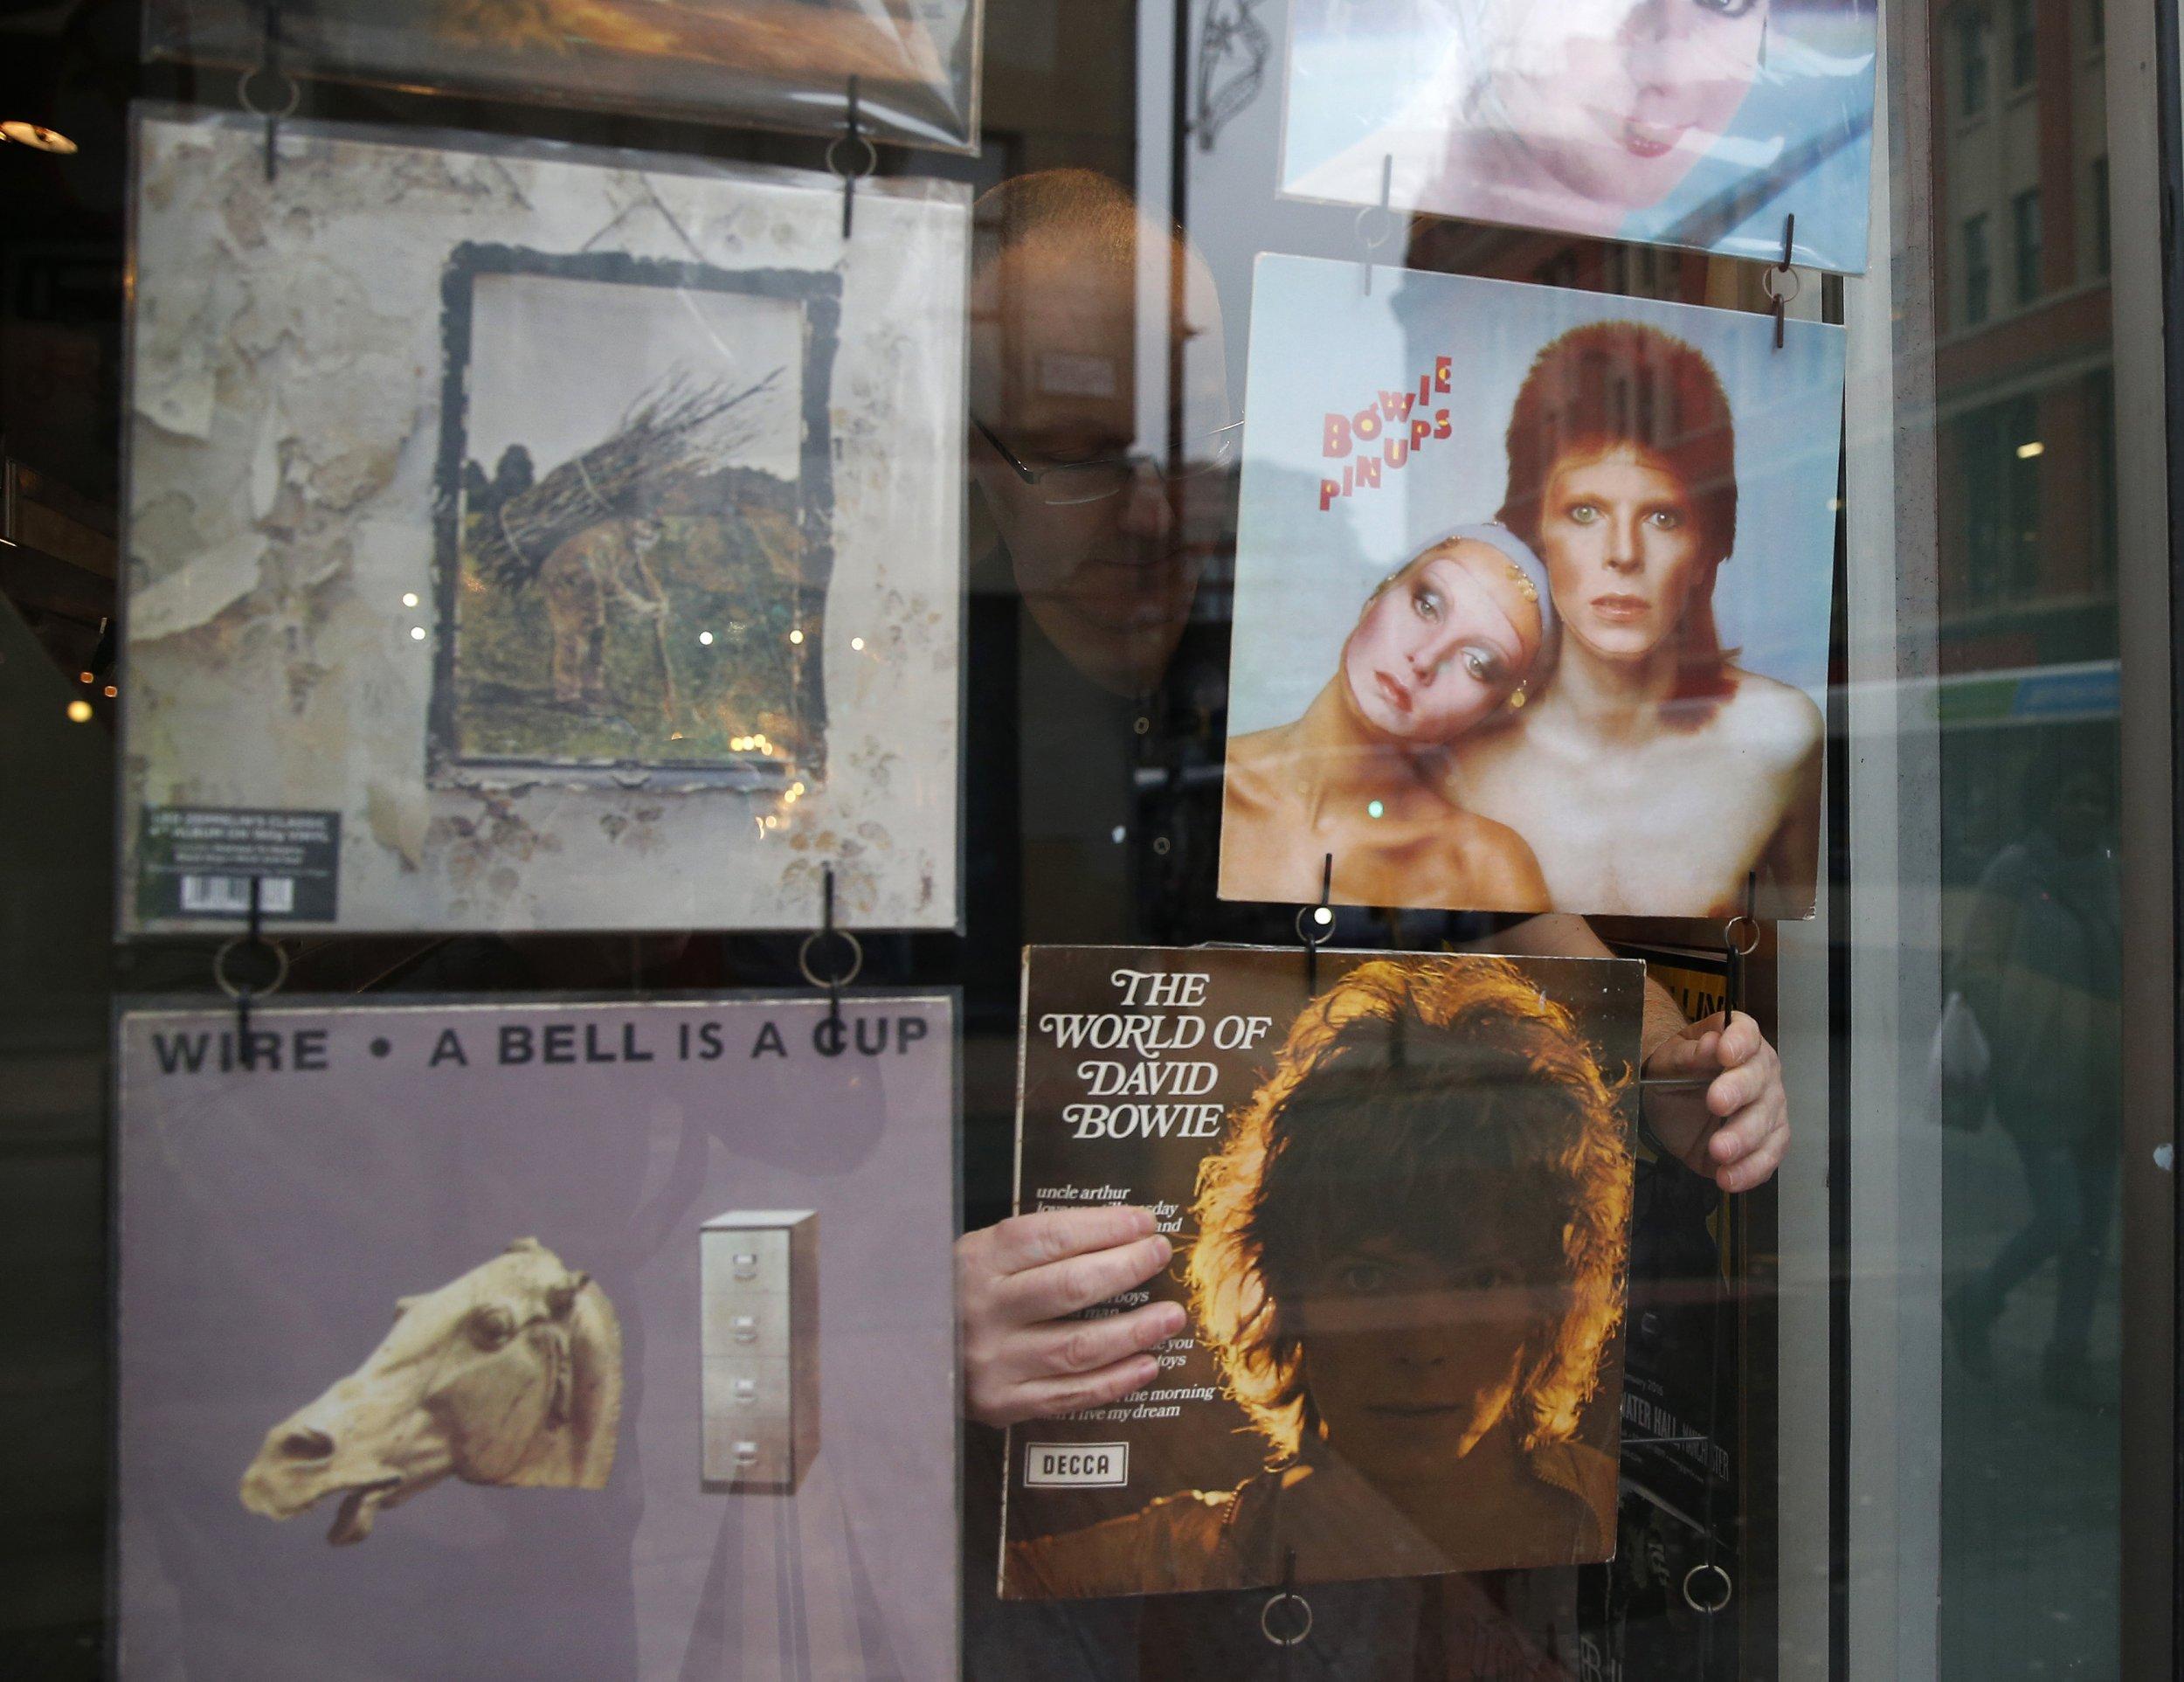 David Bowie vinyl records